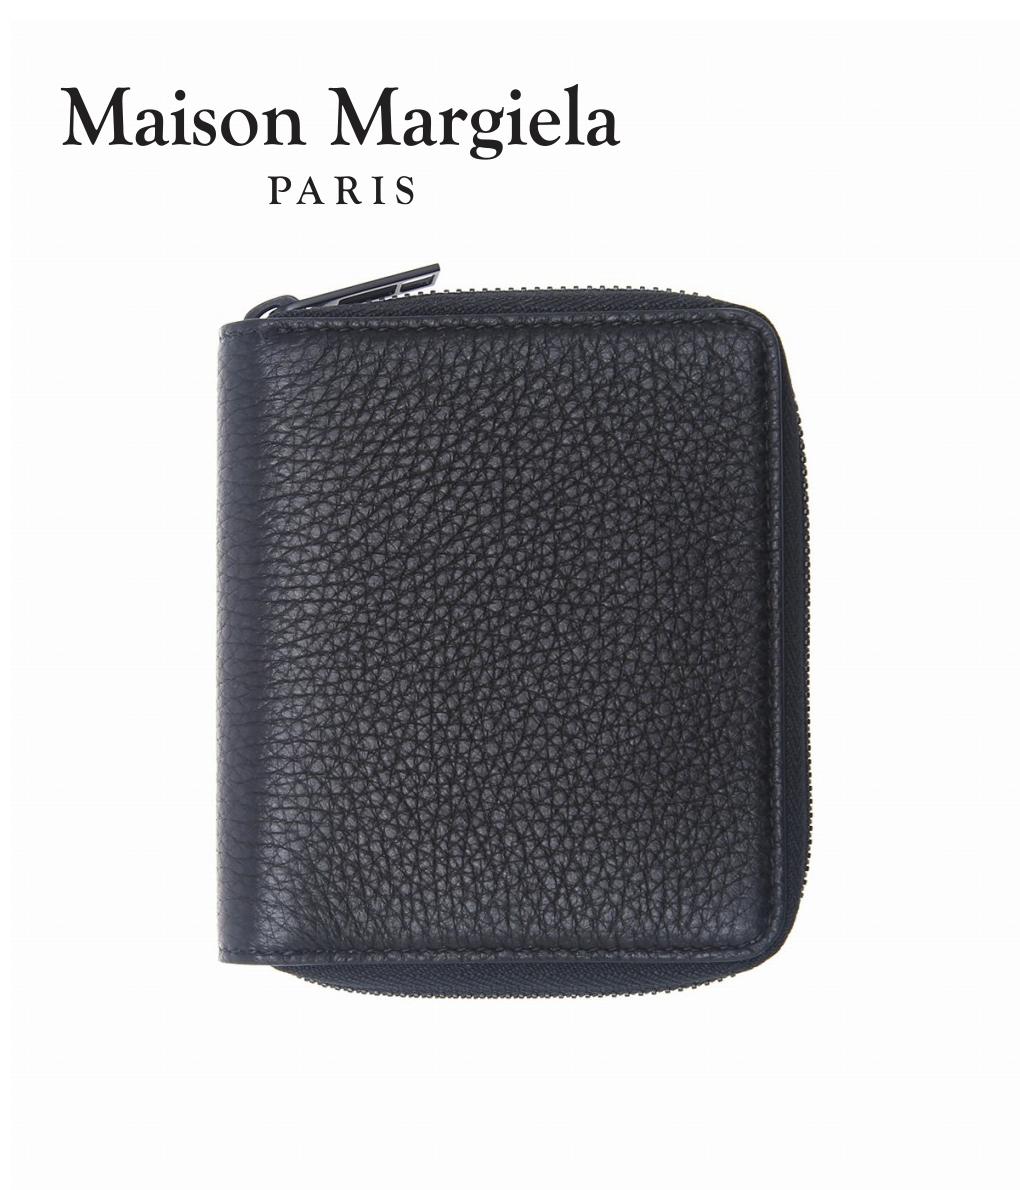 Maison Margiela / メゾン マルジェラ : ROUND ZIP WALLET : メゾン マルジェラ ラウンド ジップ ウォレット 財布 レザーウォレット メンズ : S55UI0197【RIP】【BJB】